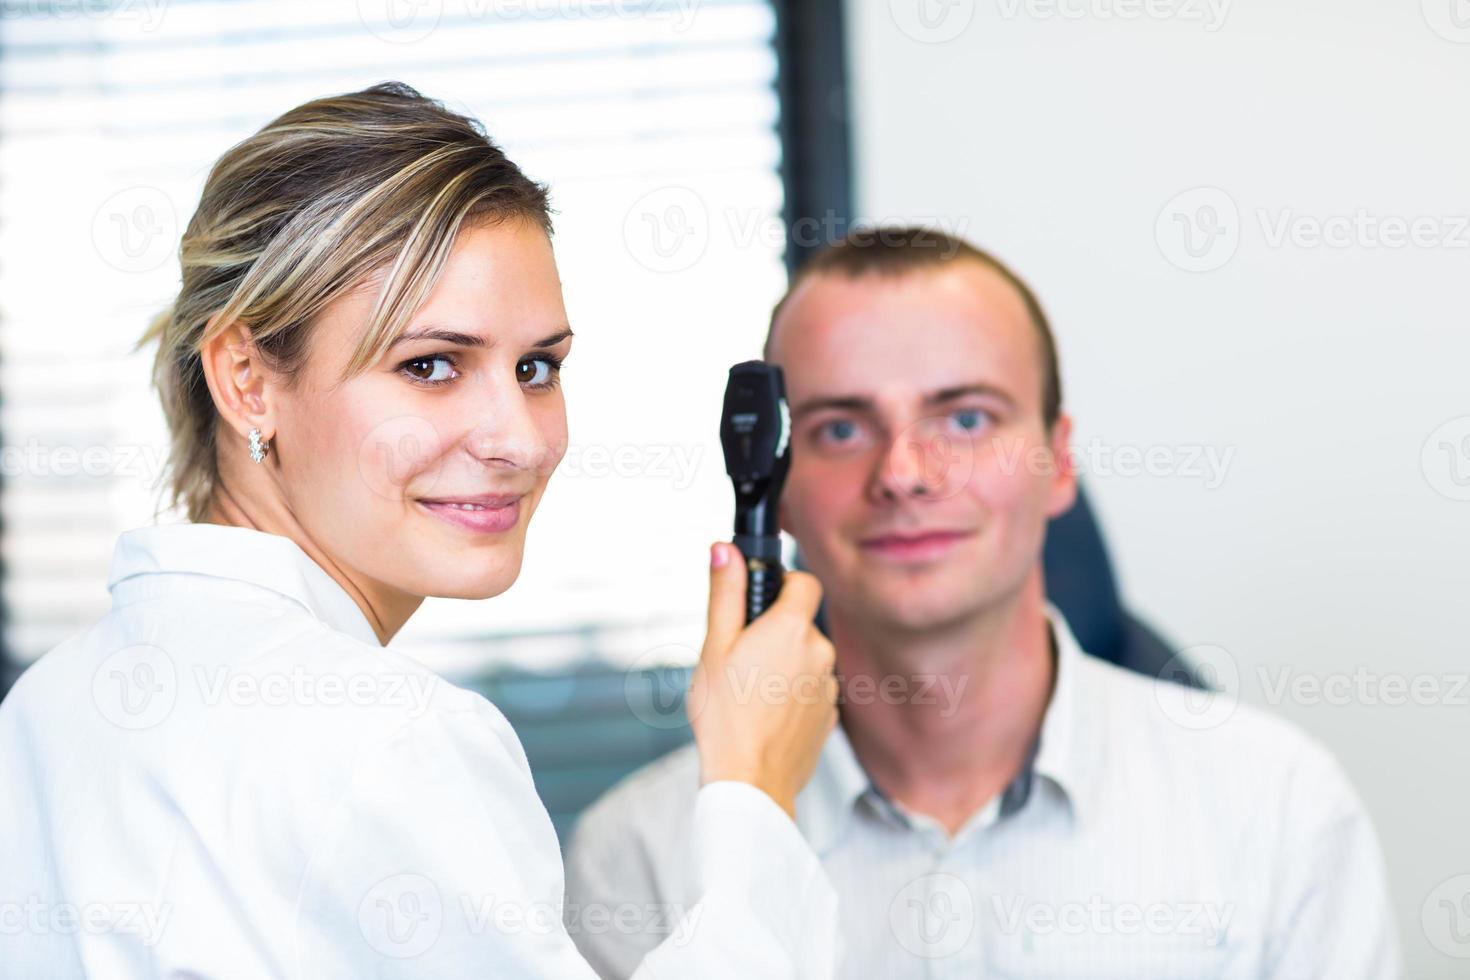 optometrie concept - mooie jonge vrouw met haar ogen onderzocht foto